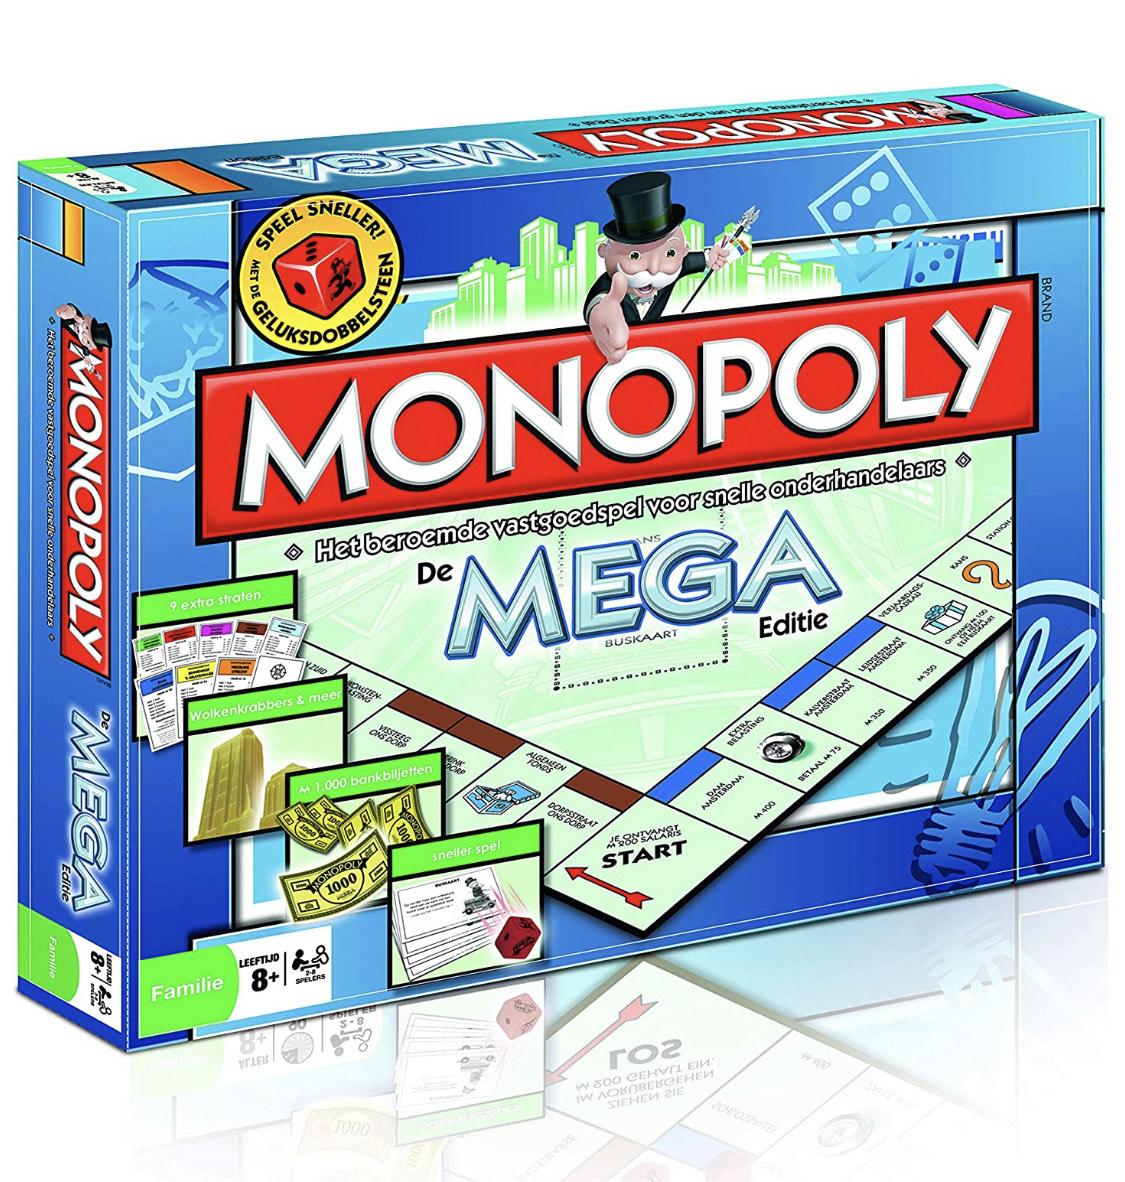 Amazon.nl || Monopoly mega editie